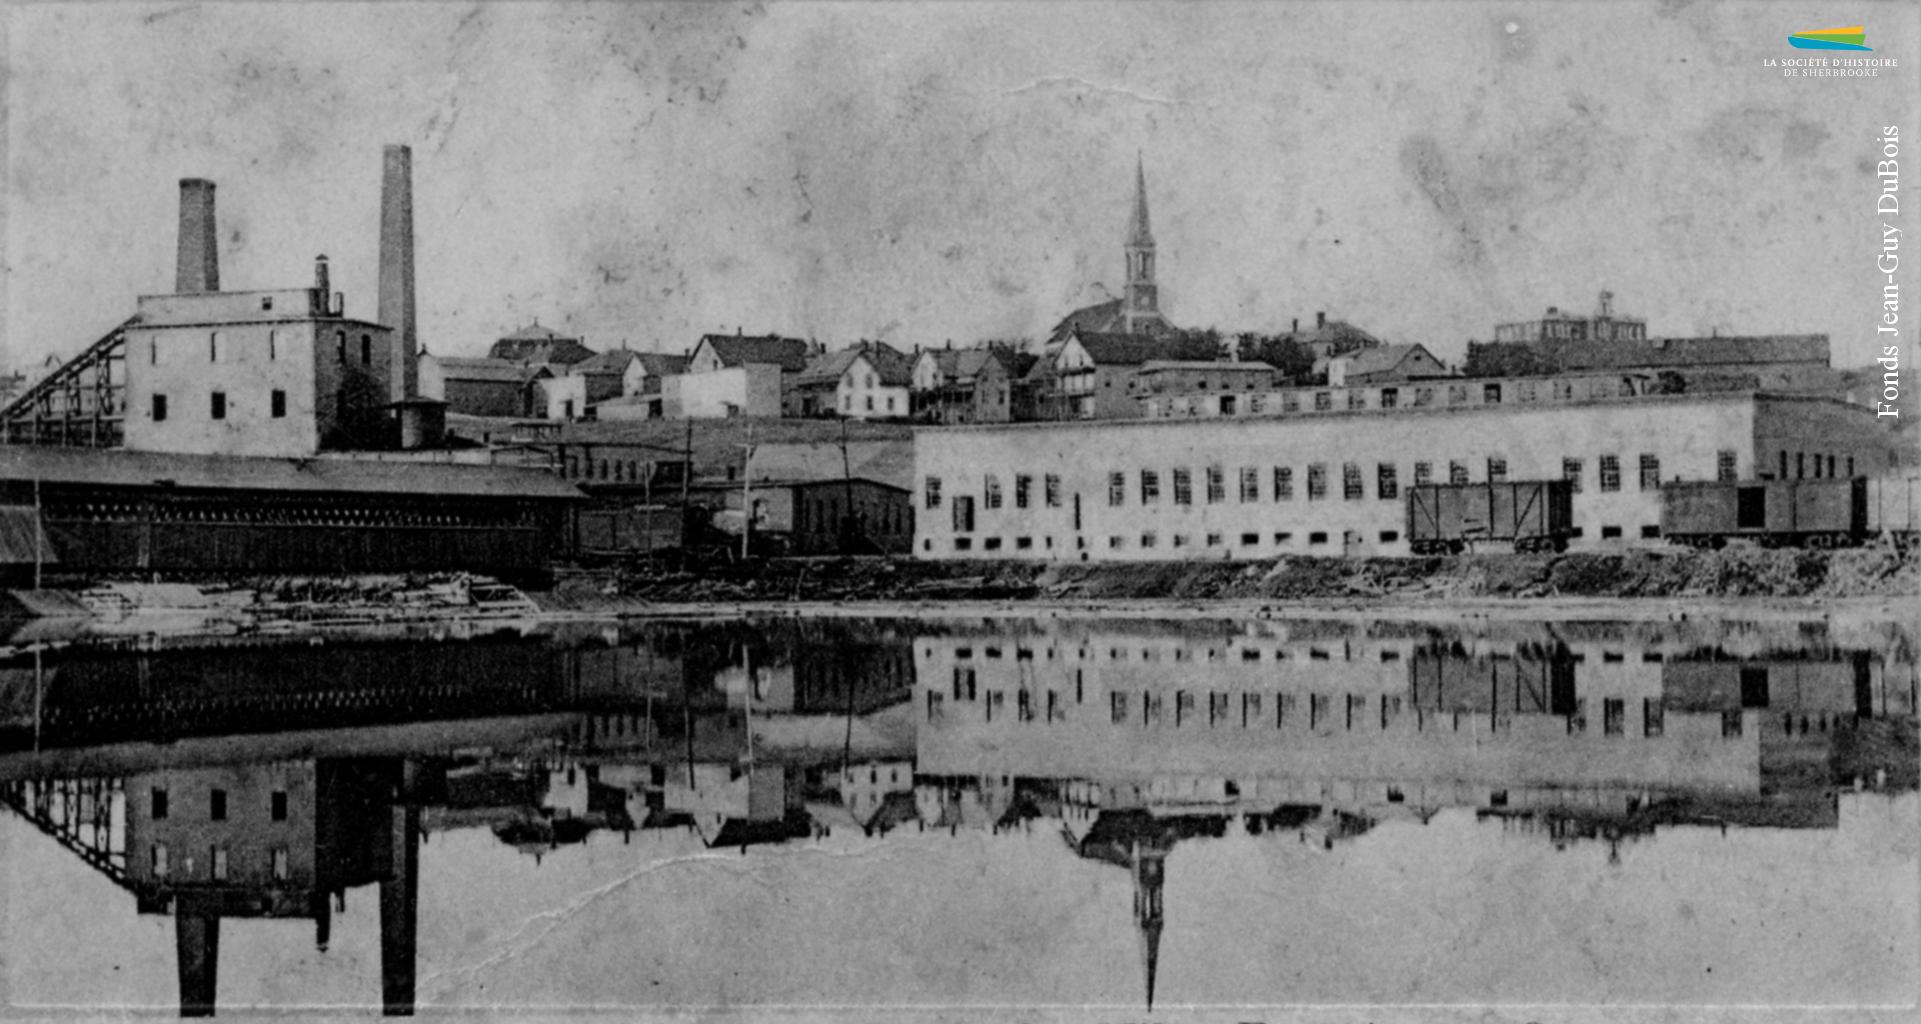 L'usine de la Brompton Pulp & Paper Company à East Angus, vers 1910. La compagnie est fondée à Bromptonville au début des années 1900, et y opère une papetière à partir de 1903.